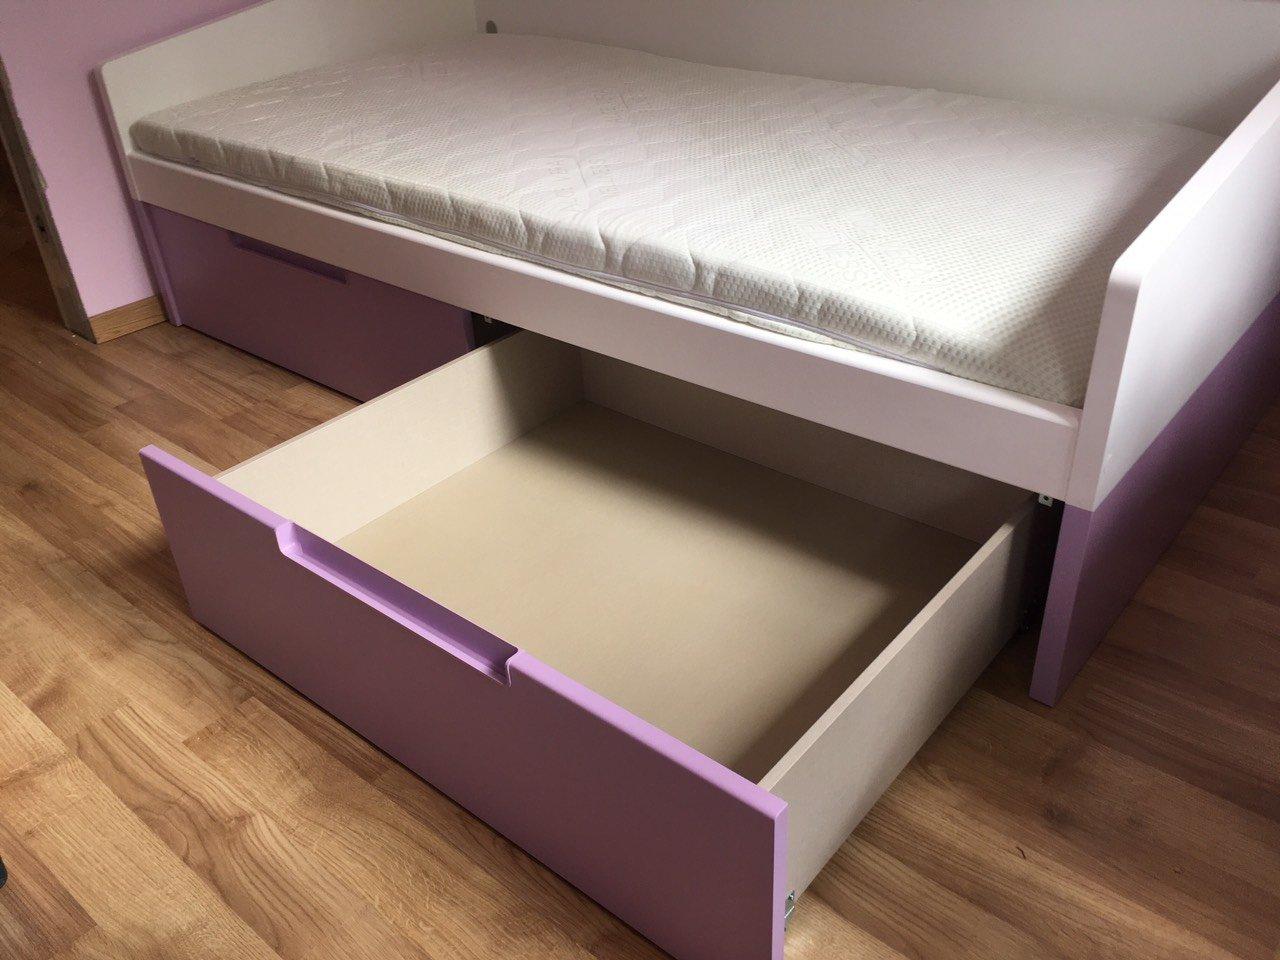 Lovos-vaikams-lovos-jaunuoliams (1).jpg